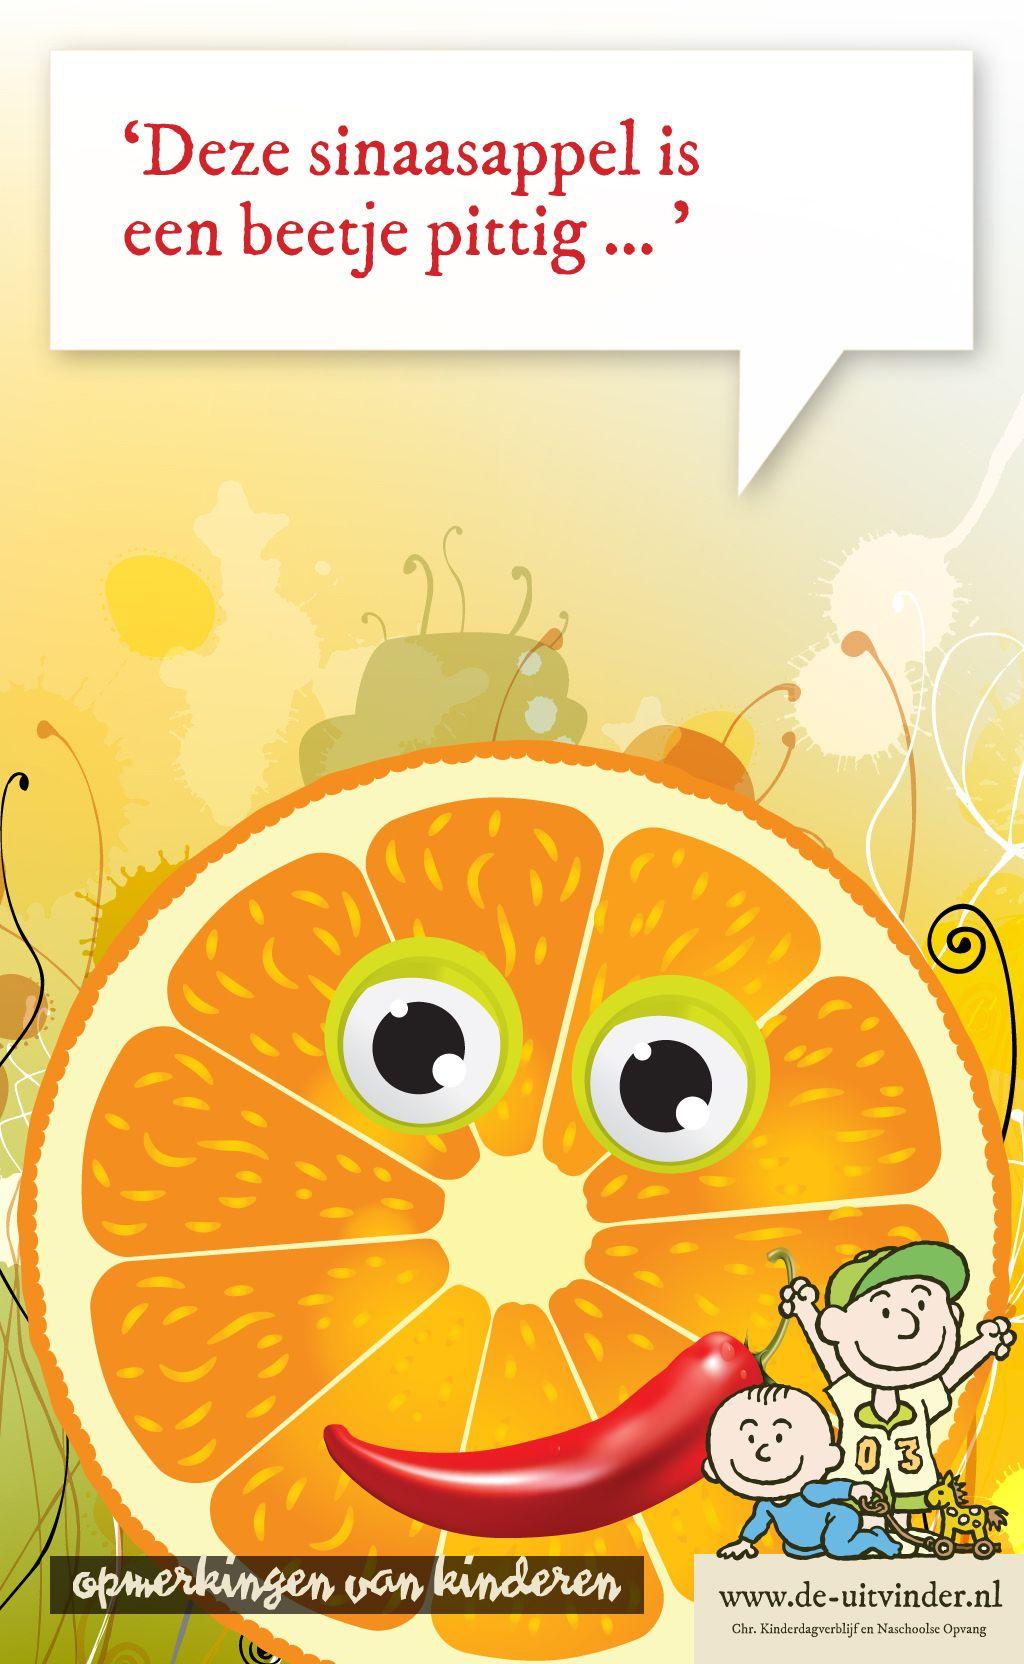 'Deze sinaasappel is een beetje pittig ... ' Heerlijk die peuterpraat. www.de-uitvinder.nl